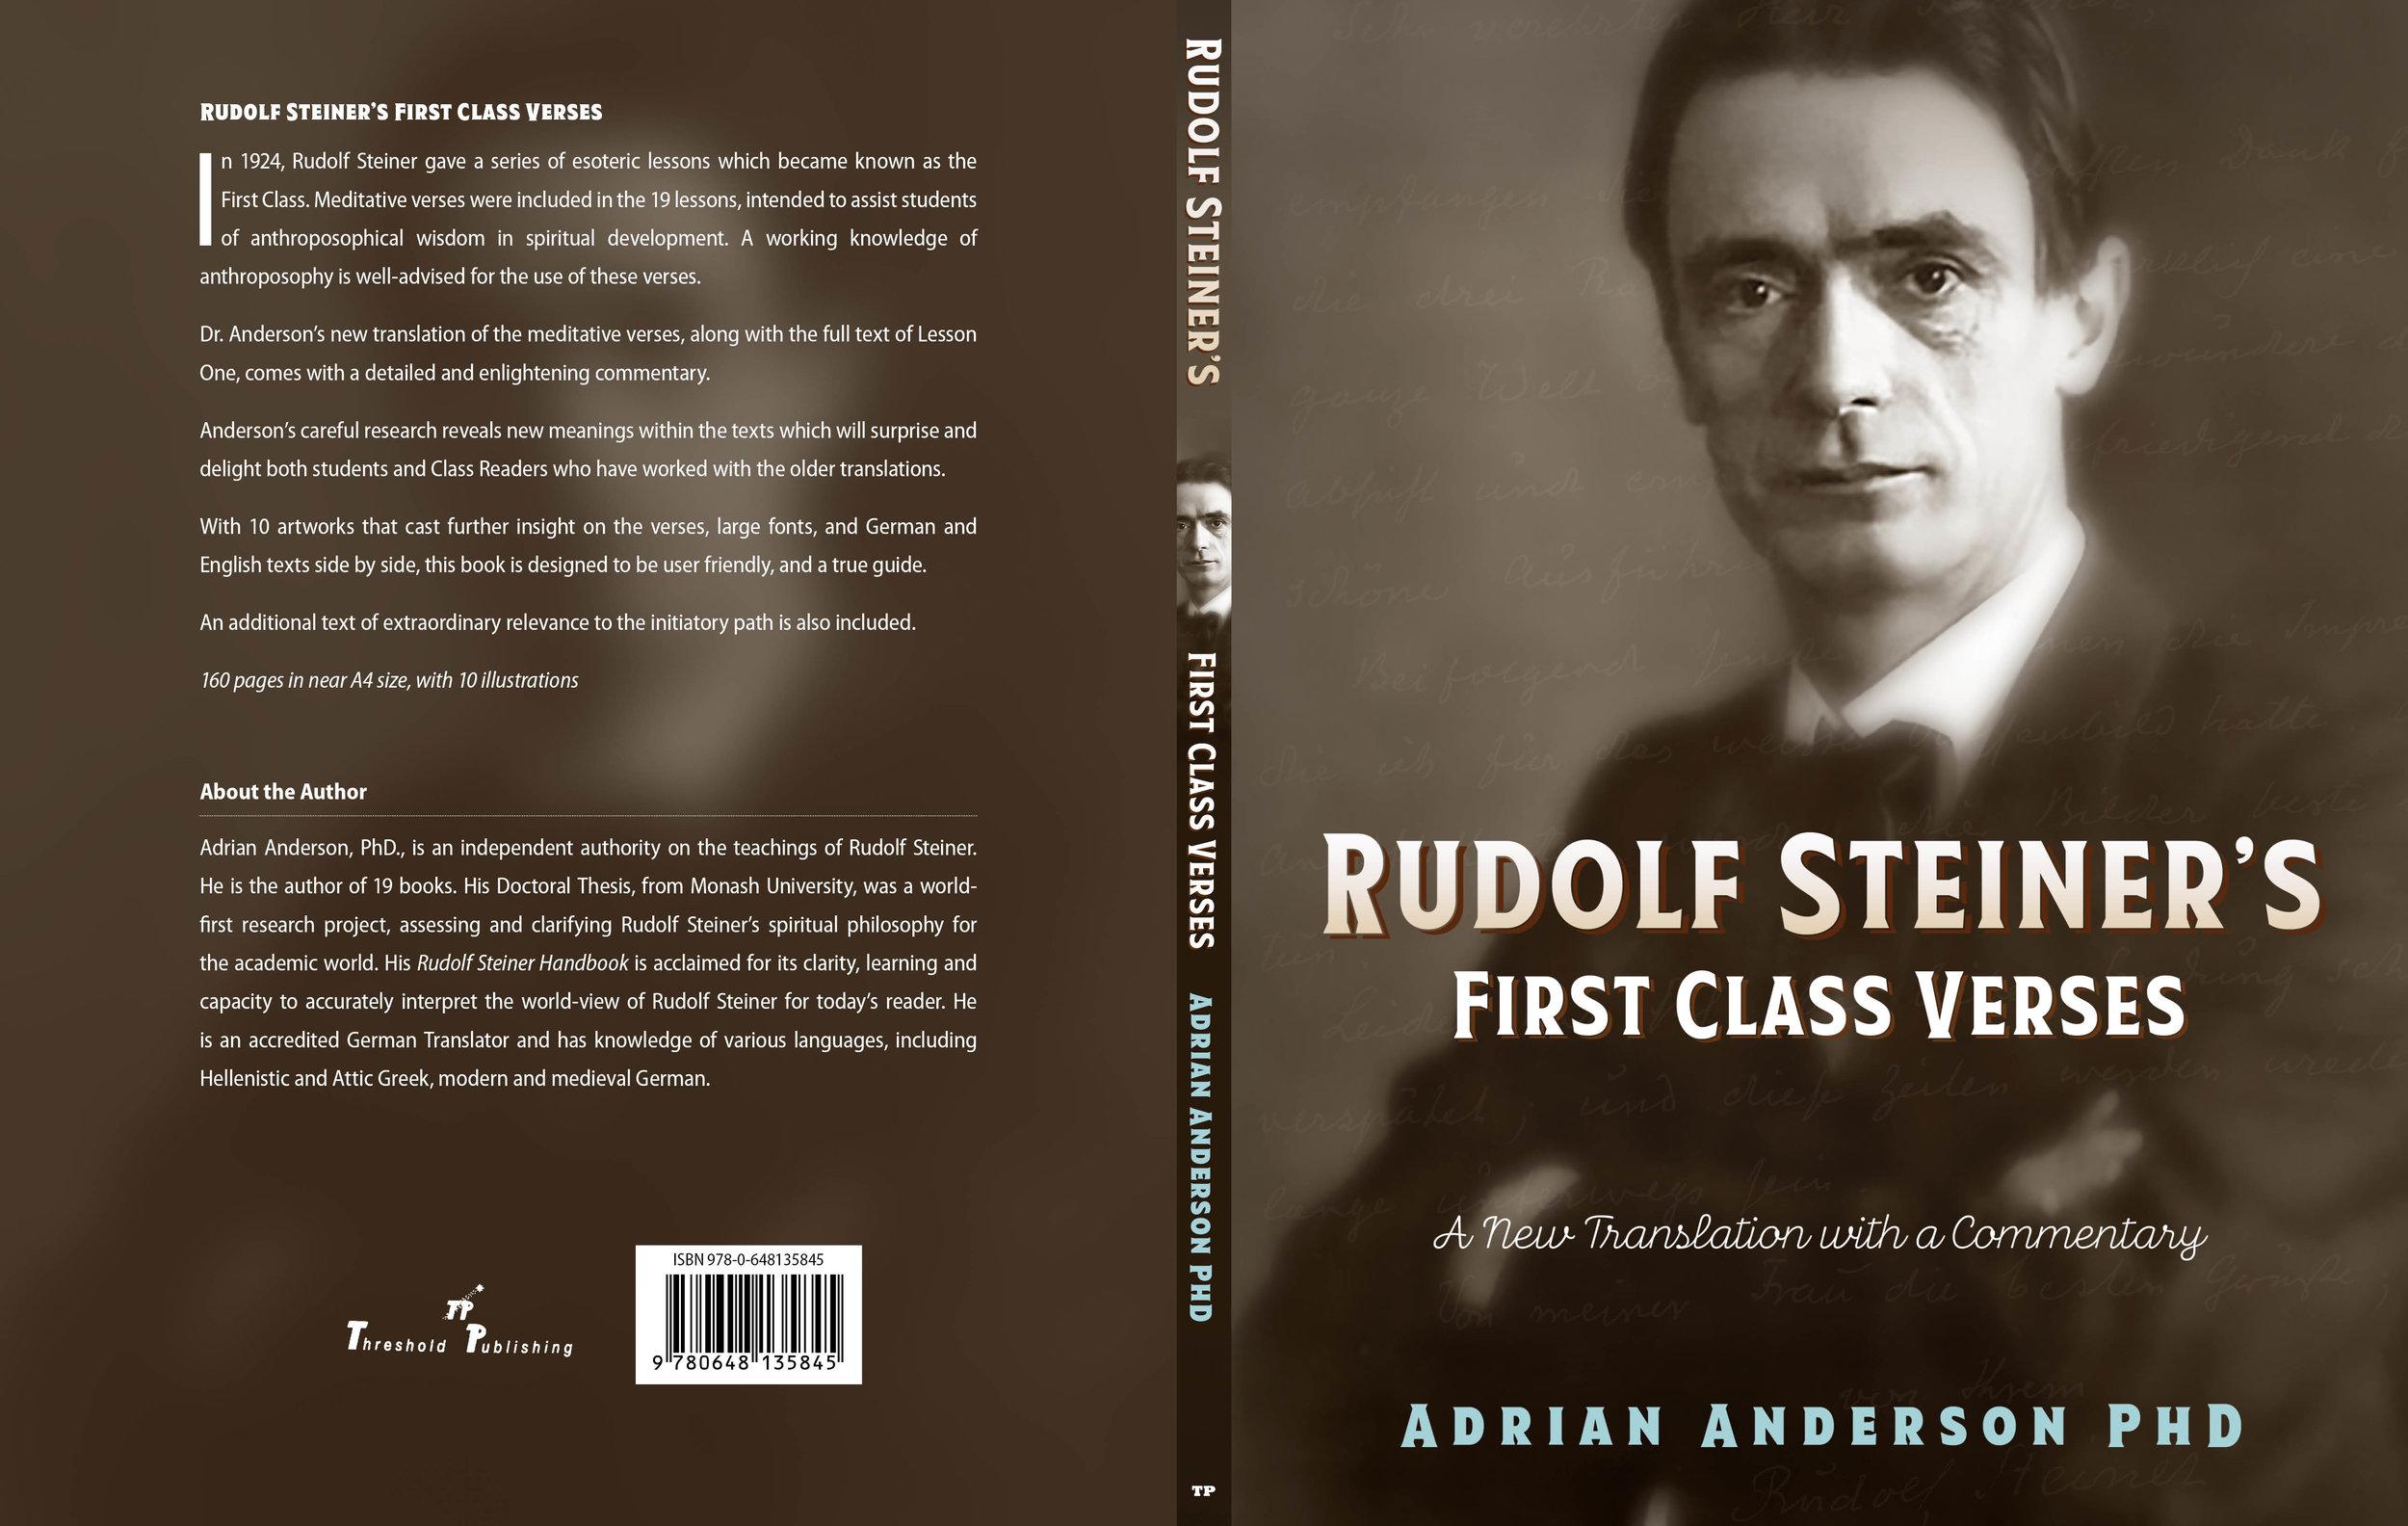 Rudolf Steiner cover_Adrian Anderson_280X216.jpg